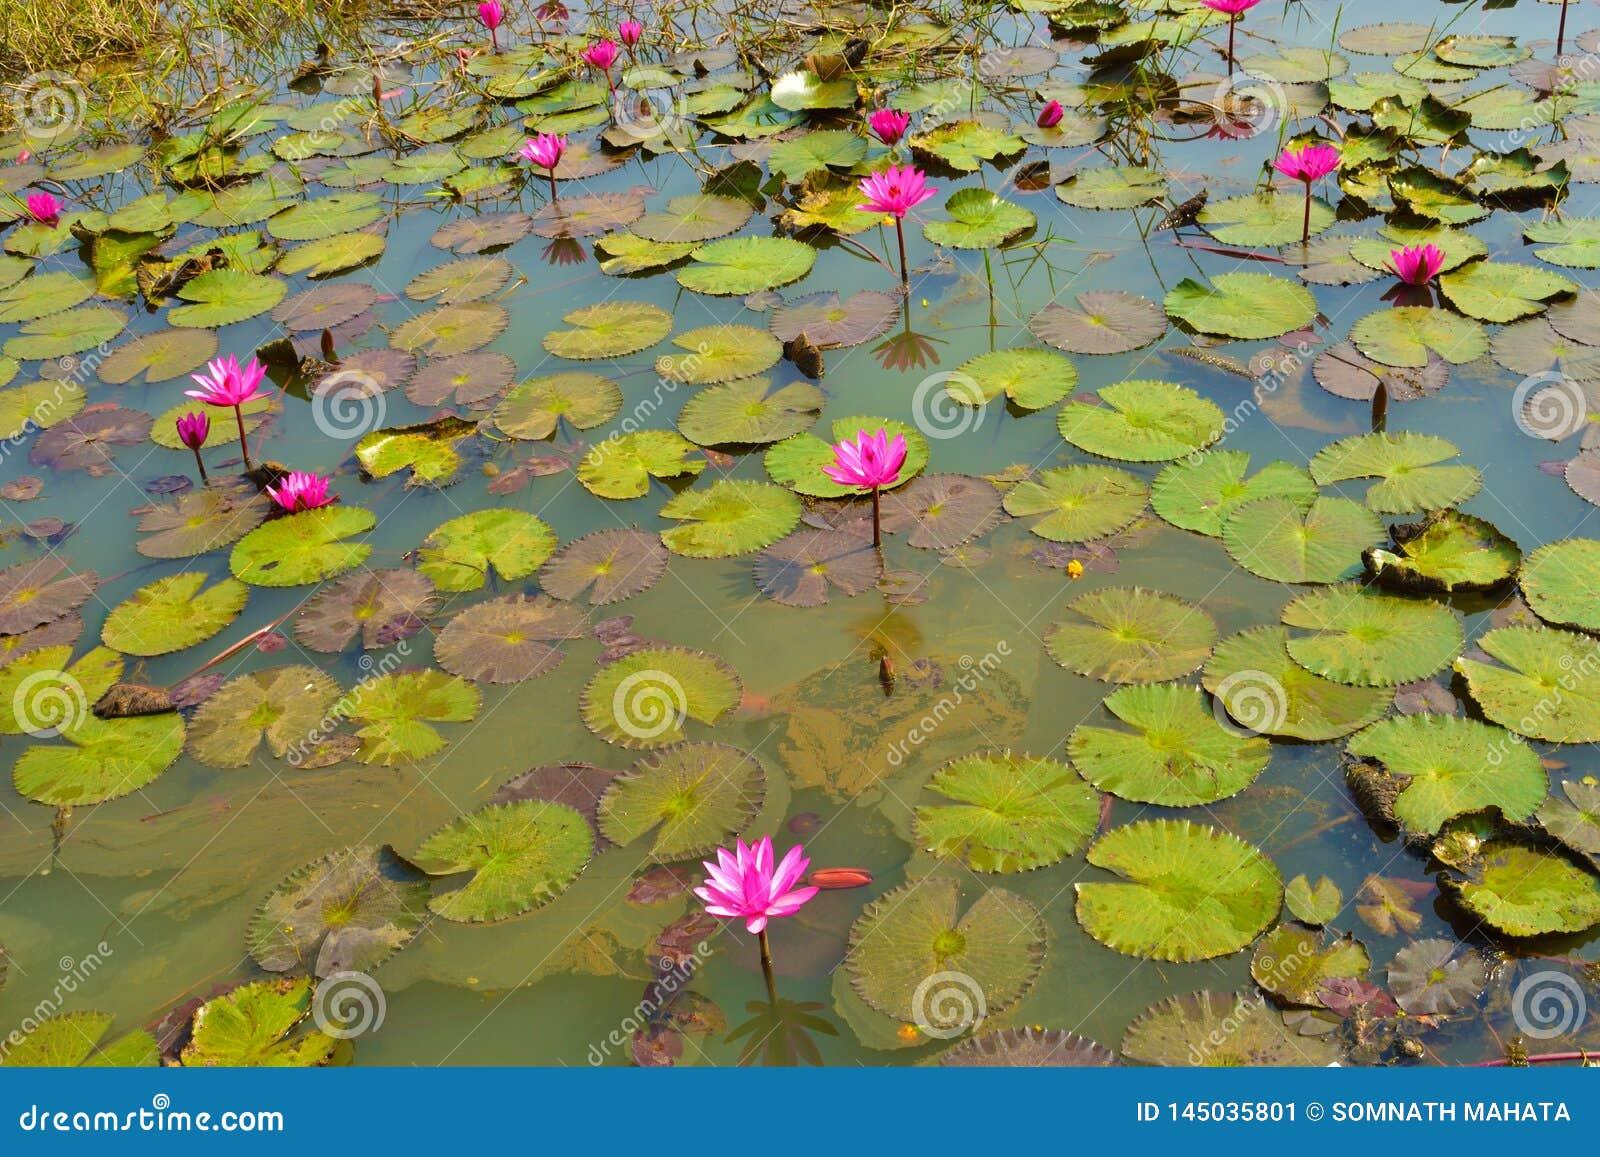 Rubra do Nymphaea dos lírios de água cor-de-rosa ou vermelha em um lago rural natural este tipo da flor igualmente chamou o sha